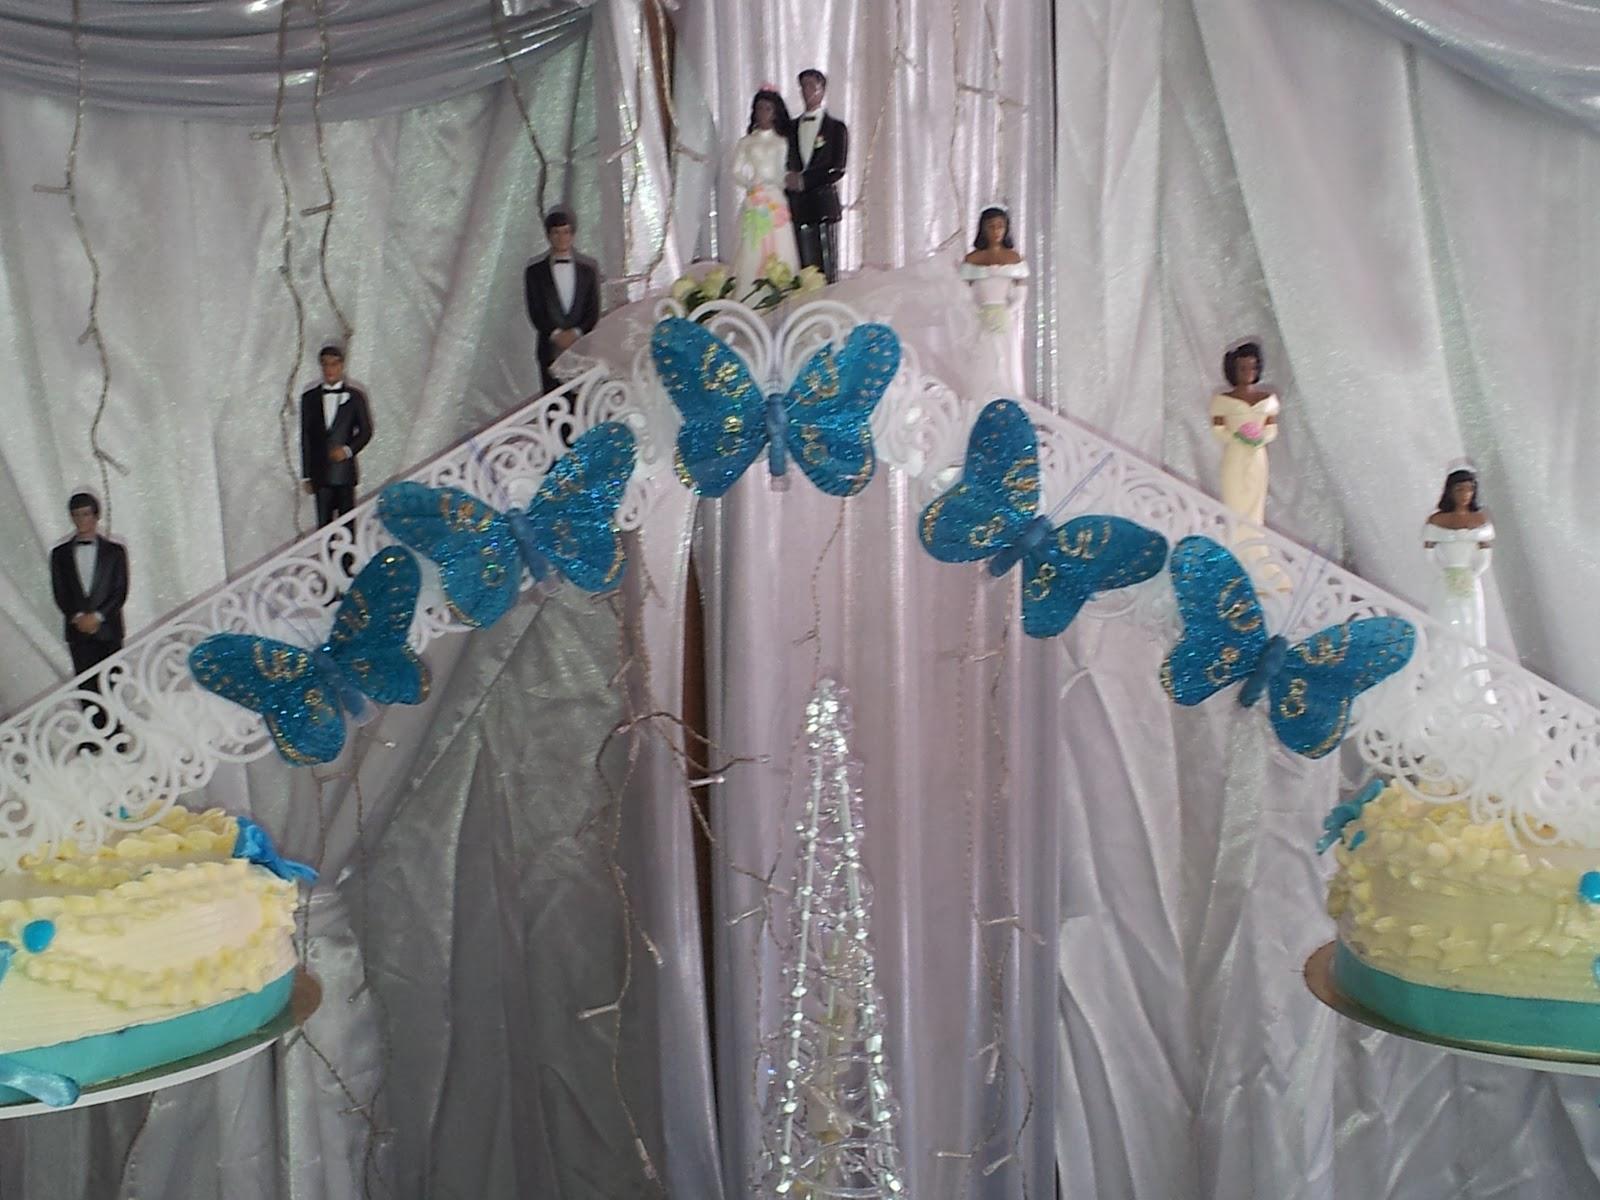 La Pâtisserie de Brunette: Gâteau mariage haïtien parfum vanille